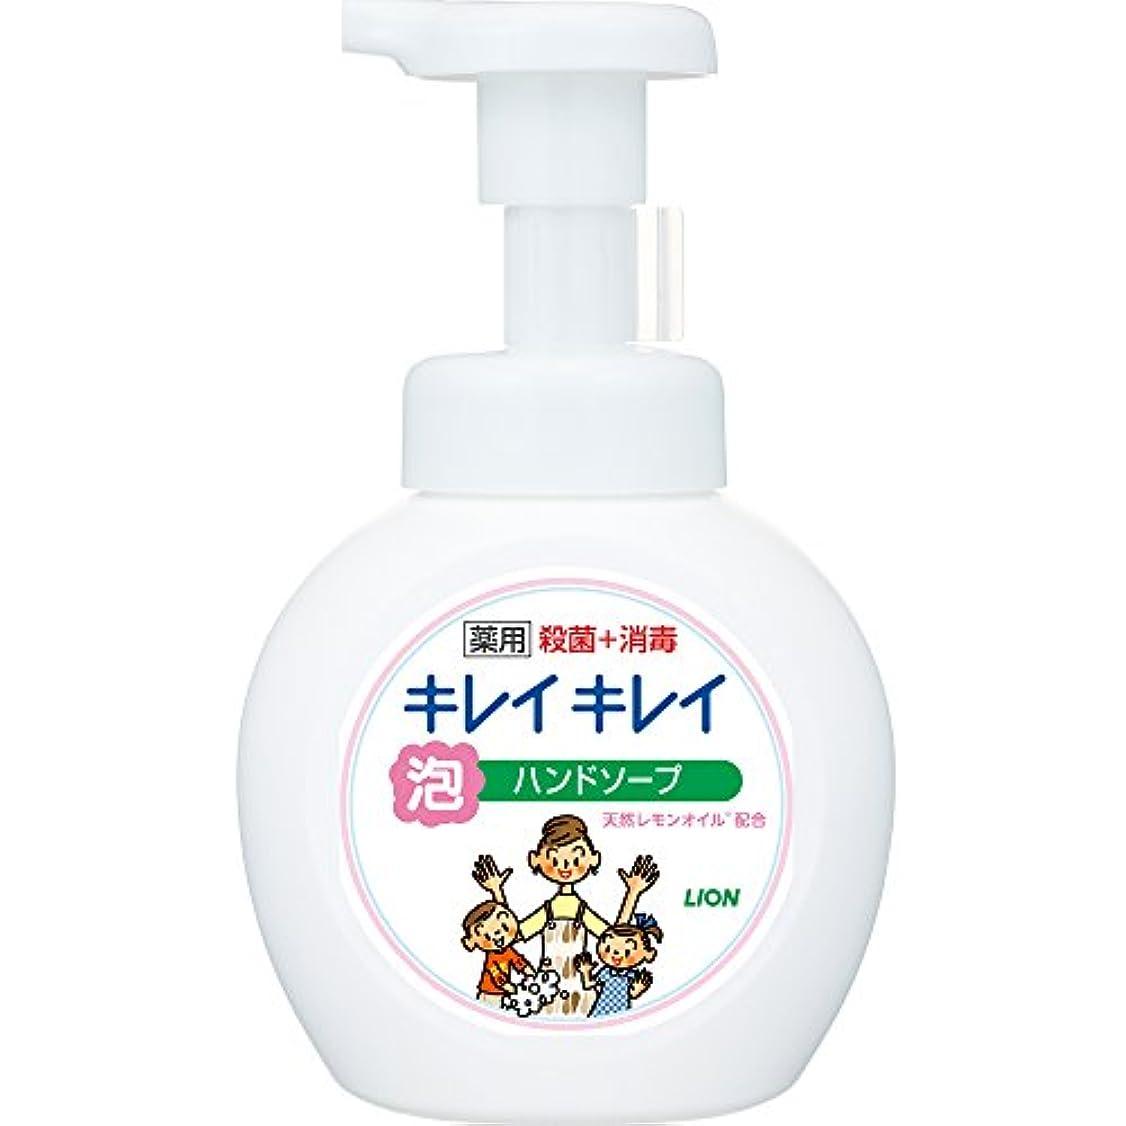 パールクリップ観察するキレイキレイ 薬用 泡ハンドソープ シトラスフルーティの香り 本体ポンプ 250ml(医薬部外品)